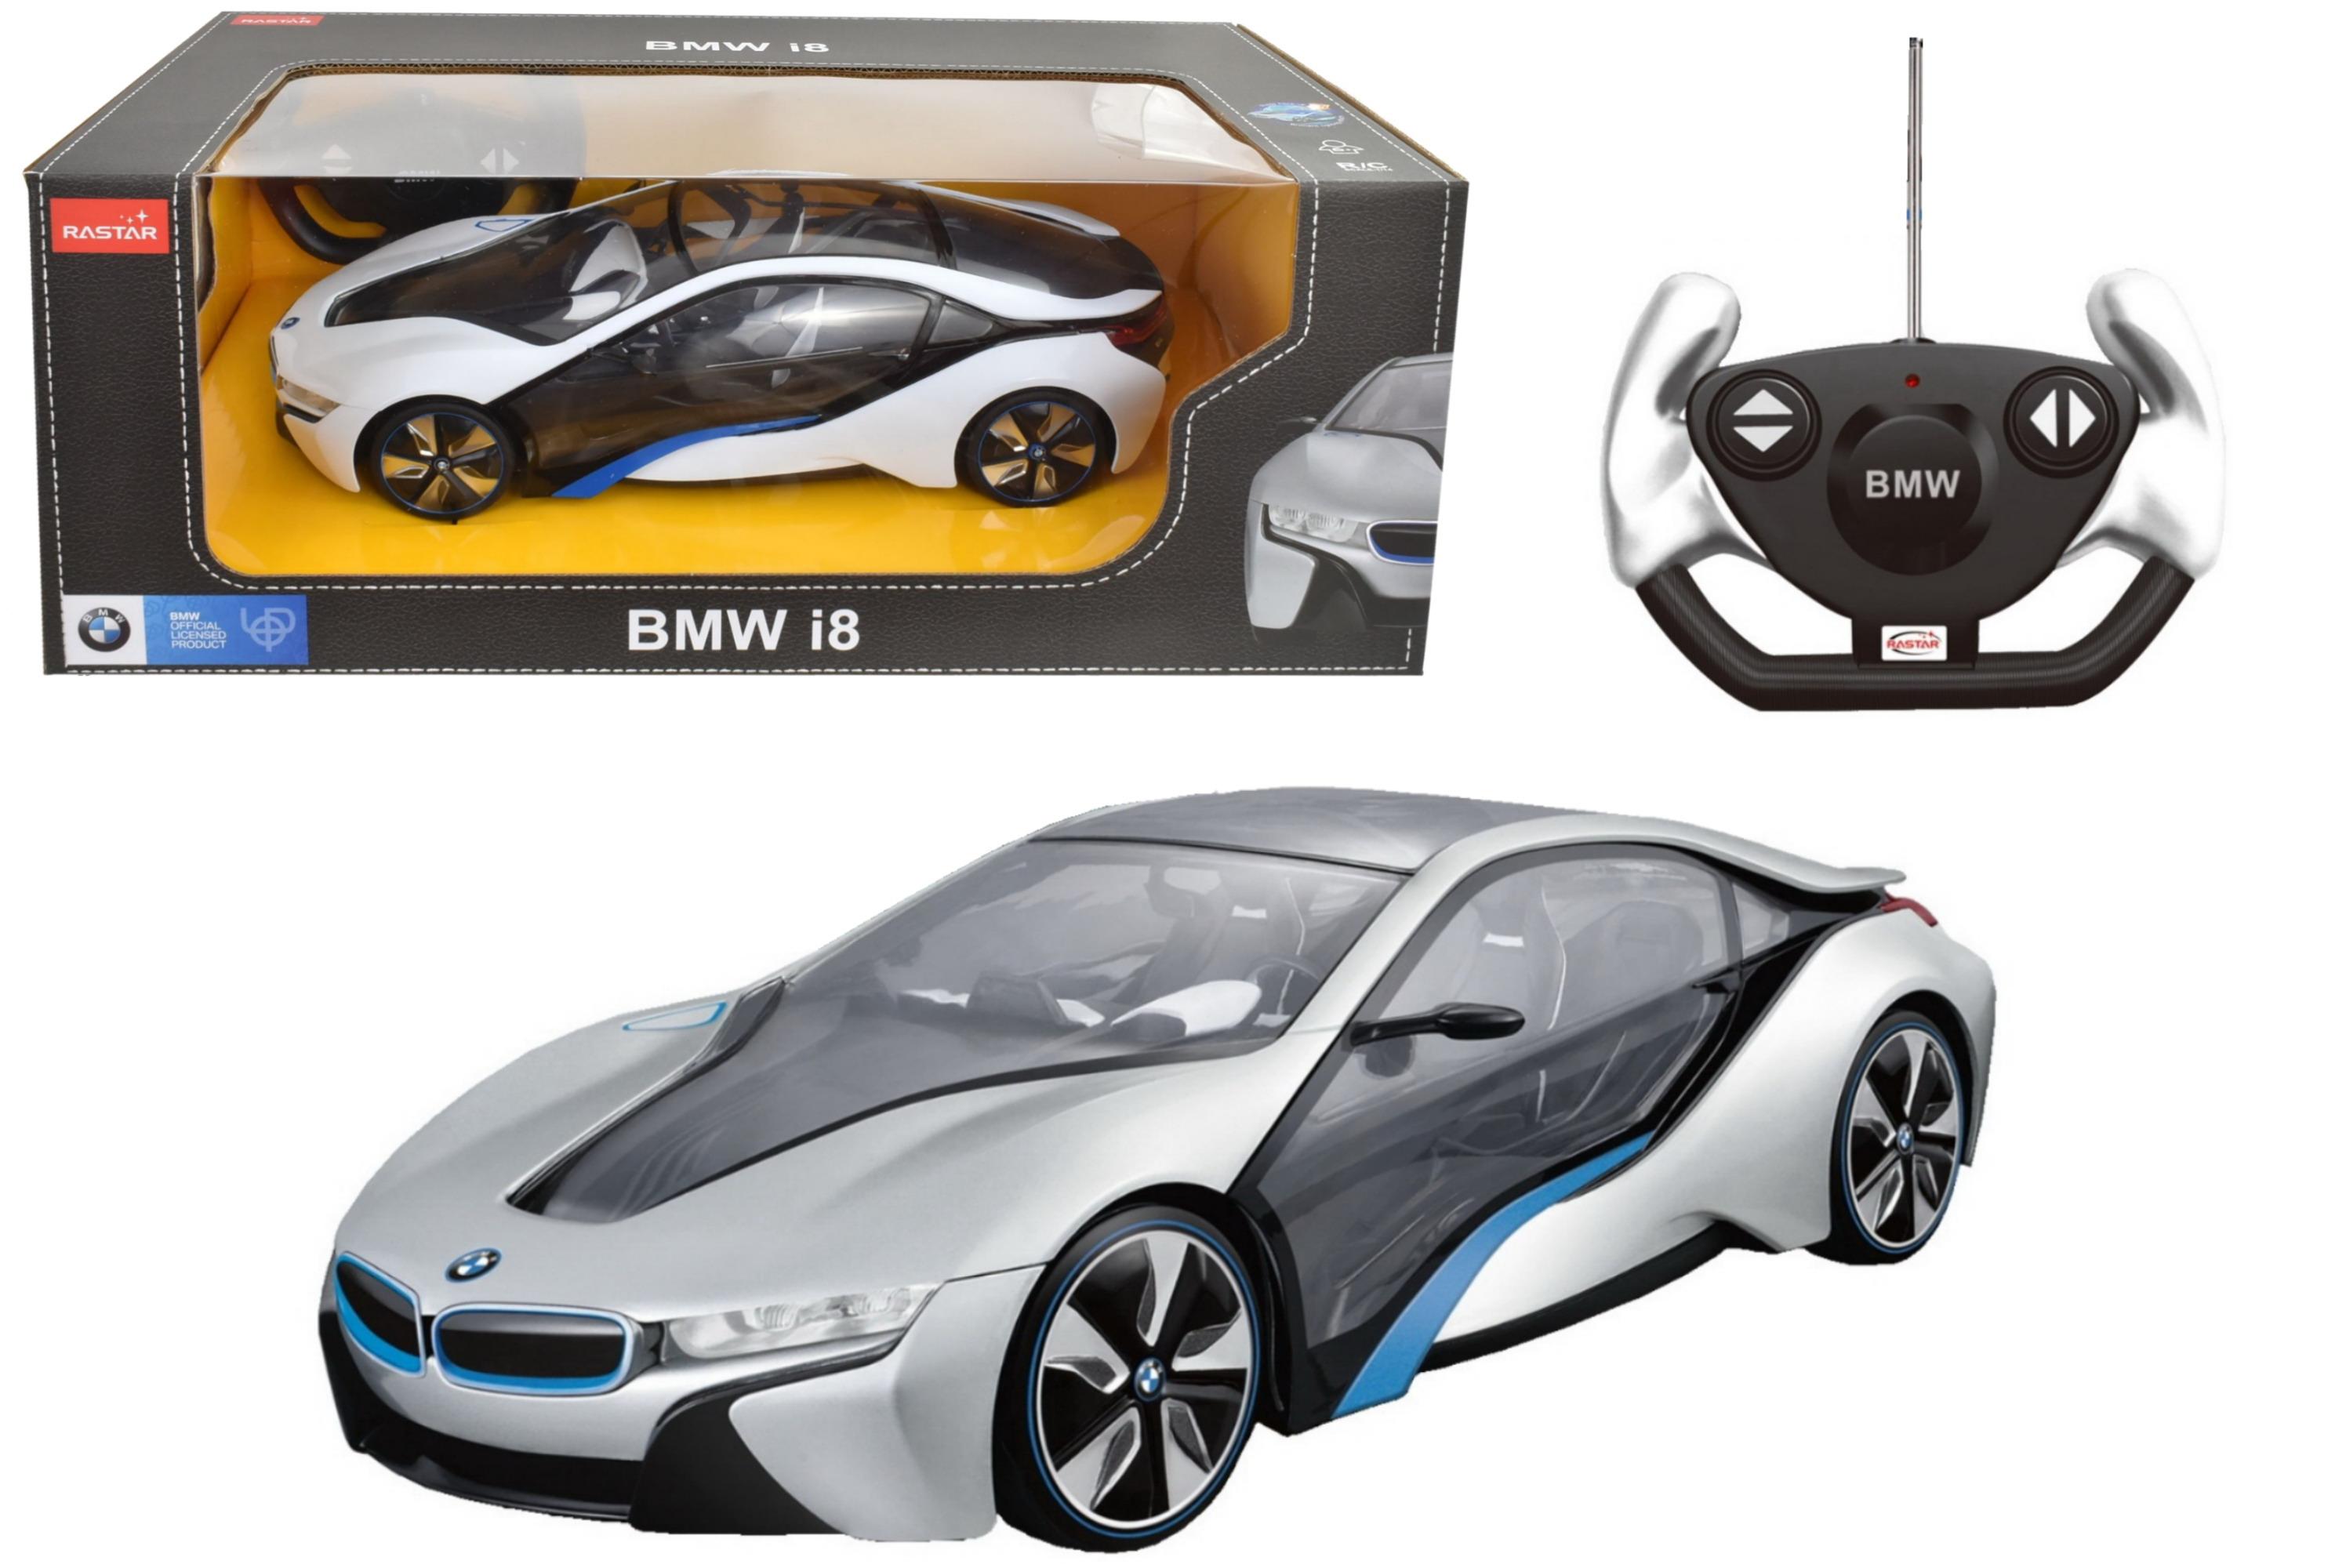 1:14sc R/C Bmw I8 Concept Car With Interior Light